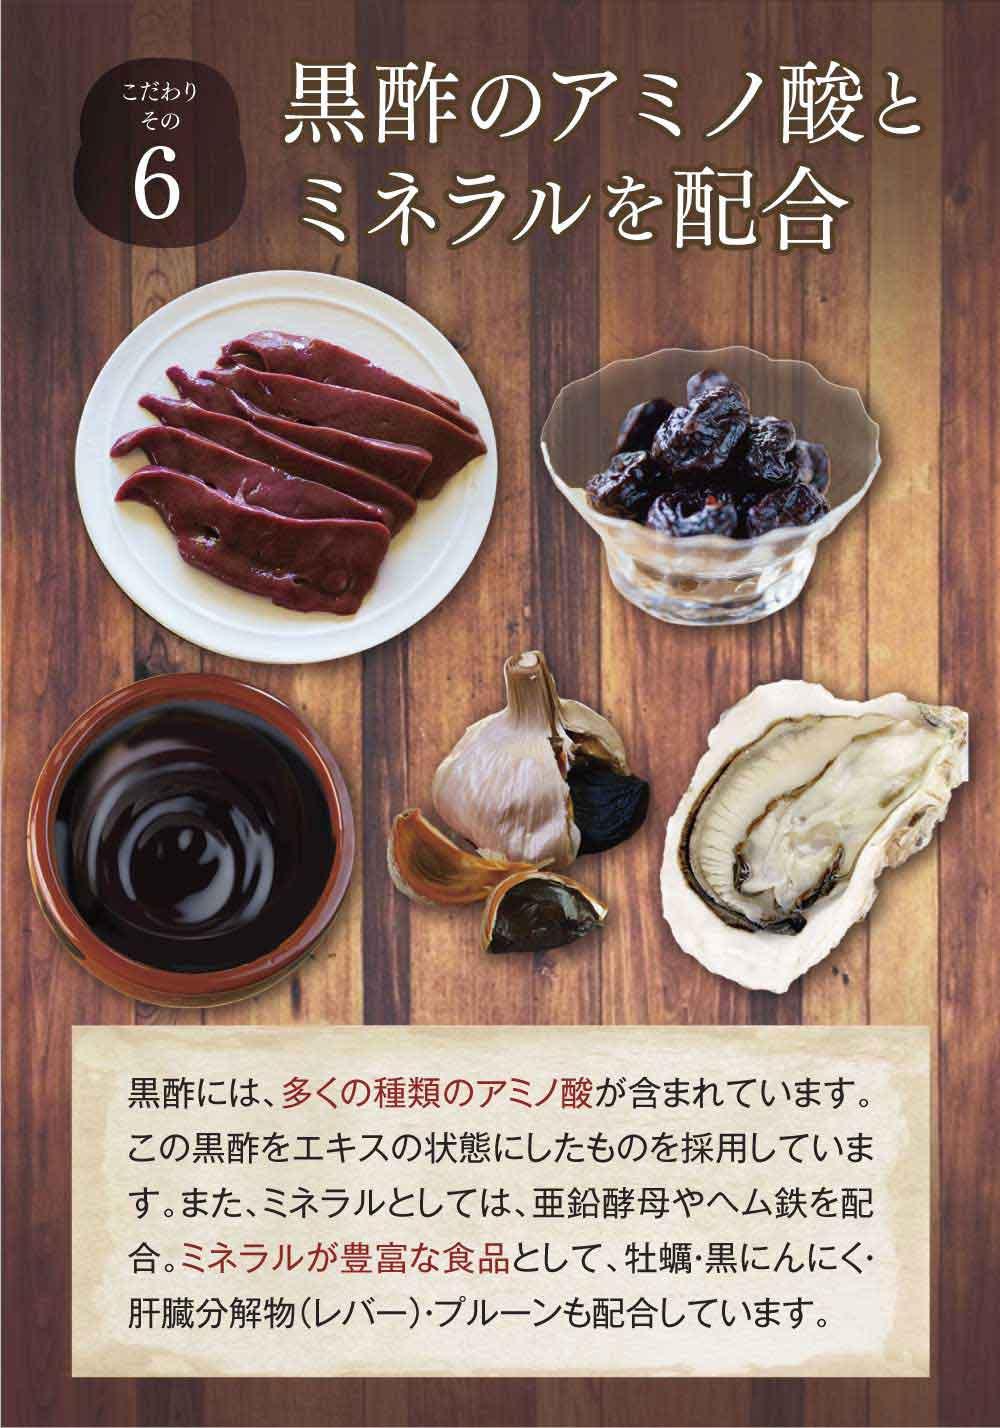 こだわりその6黒酢のアミノ酸とミネラルを配合。黒酢には、多くの種類のアミノ酸が含まれています。この黒酢をエキスの状態にしたものを採用しています。また、ミネラルとしては、亜鉛酵母やヘム鉄を配合。ミネラルが豊富な食品として、牡蠣・黒にんにく・肝臓分解物(レバー)・プルーンも配合しています。